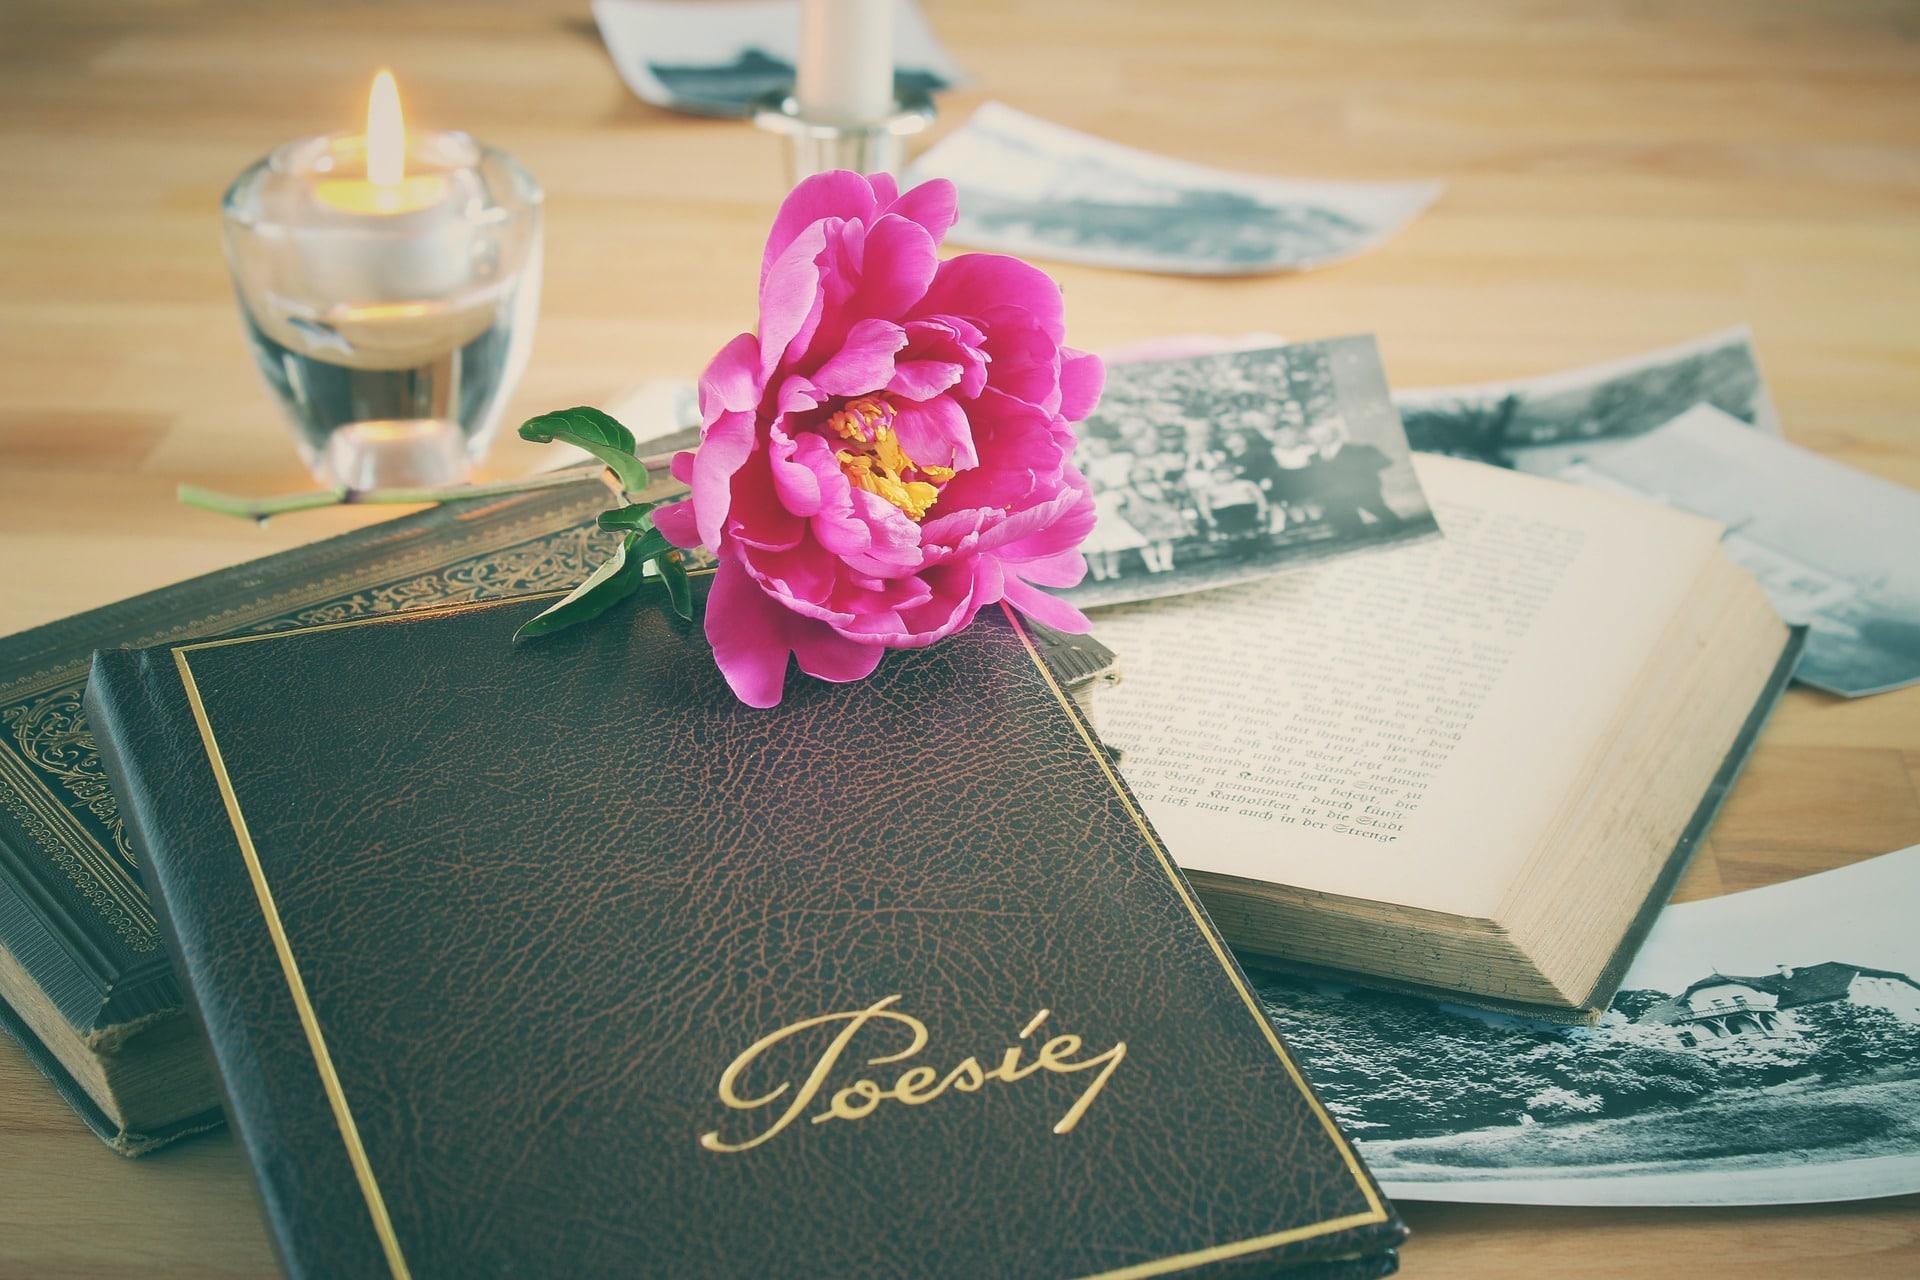 Muchos poemas famosos se escribieron por mujeres